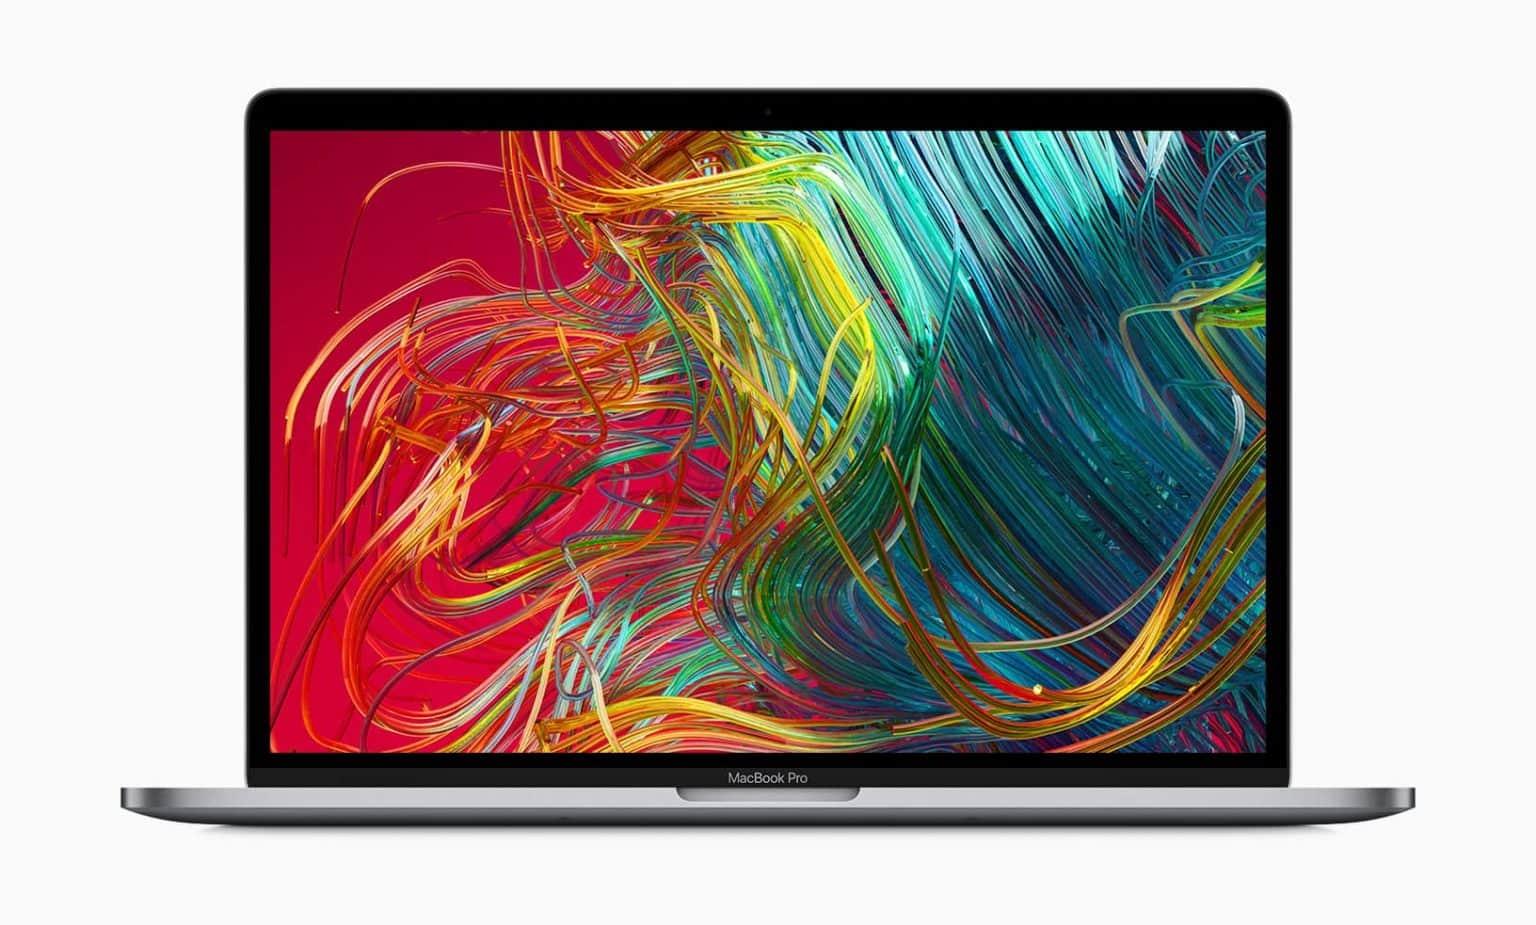 MacBook Pro 13-inch?